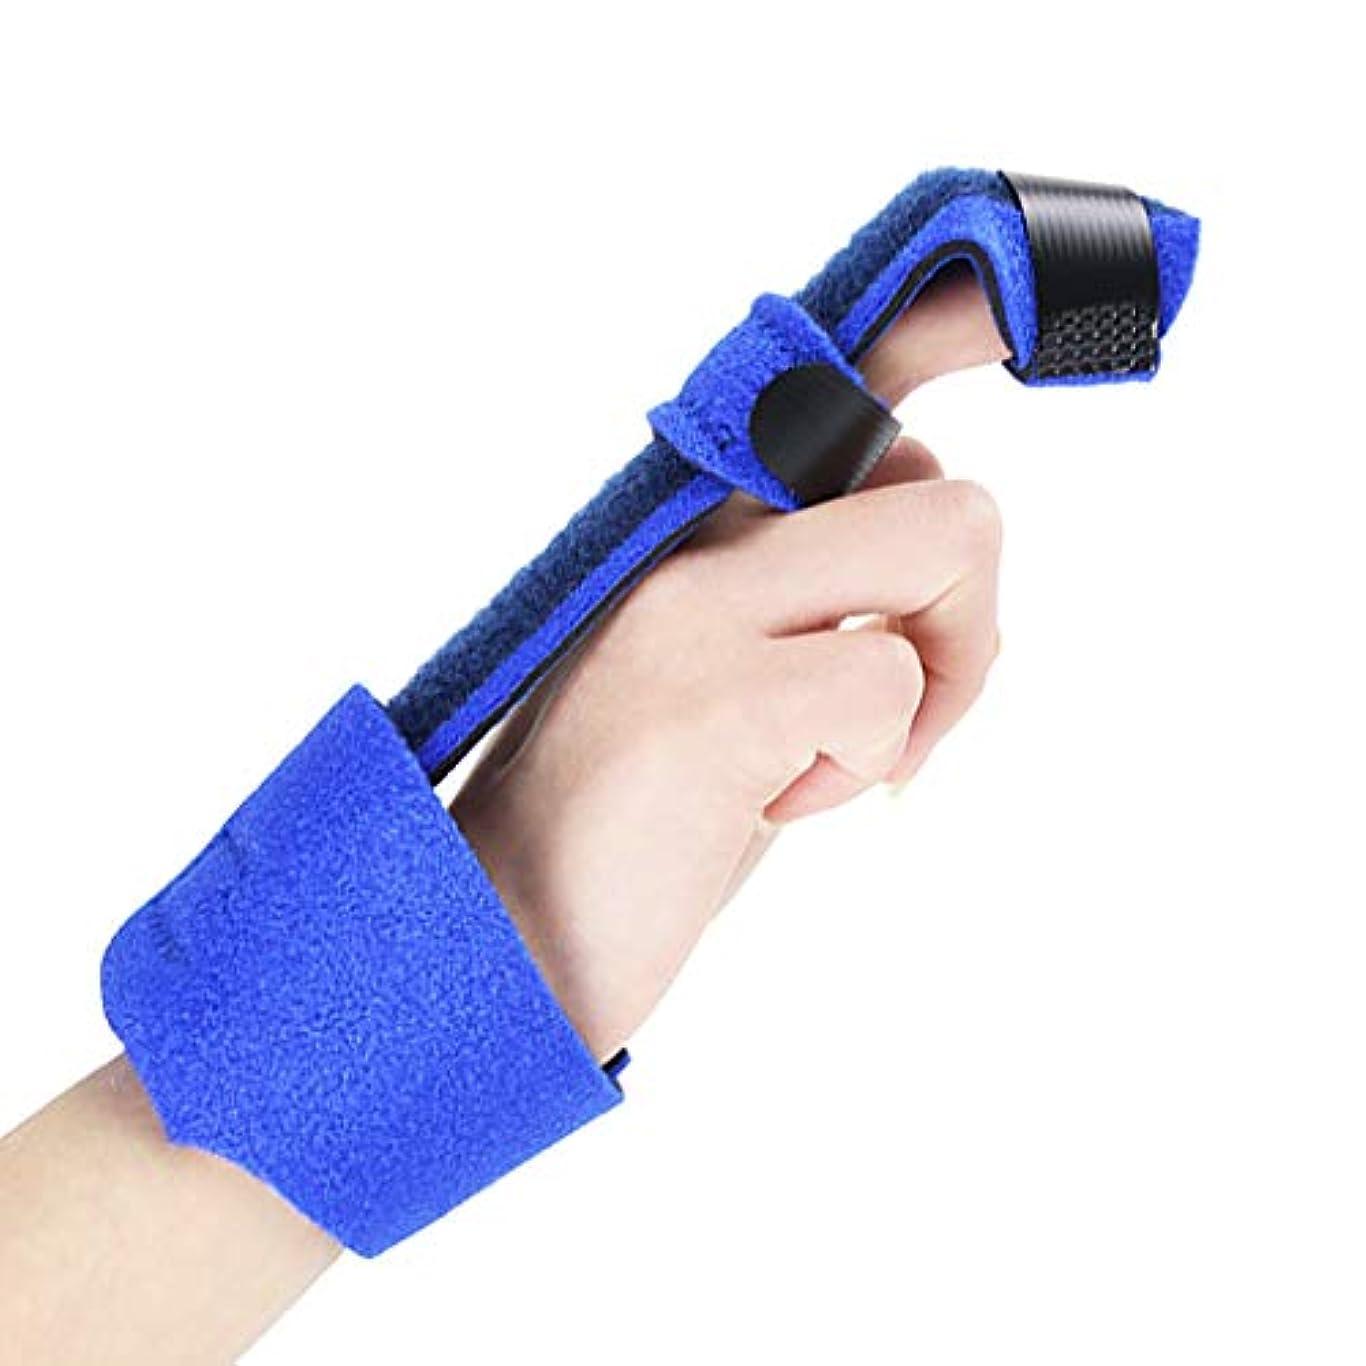 アンケート時間とともに漫画指の装具 - 調節可能な指の救助のリハビリテーションのベルト、関節炎の腱炎の捻挫の苦痛固定副木のリハビリテーション装置,1pcs